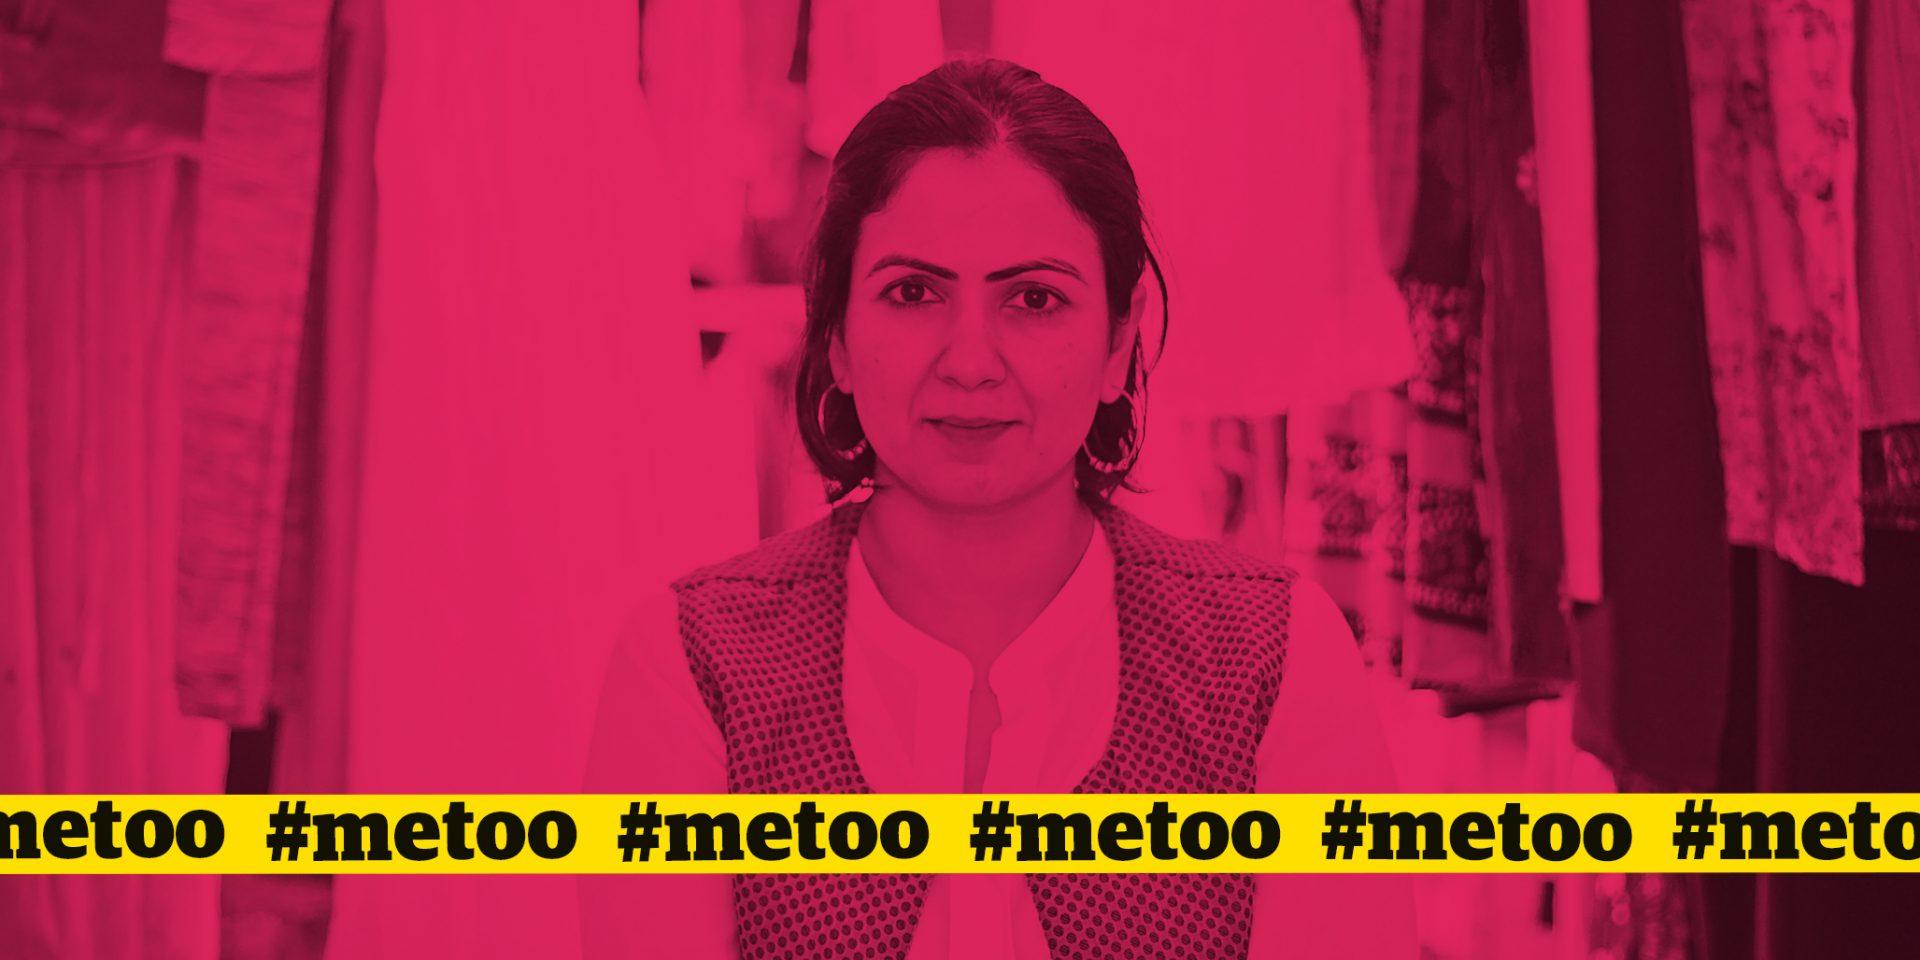 Jasmeen Patheja har arbetat i över femton år med sexuella trakasserier och kvinnors rätt att känna sig trygga i offentliga rum i Indien. Metoo har bidragit till att mäns våld mot kvinnor inte längre inte längre är lika osynligt, menar hon.